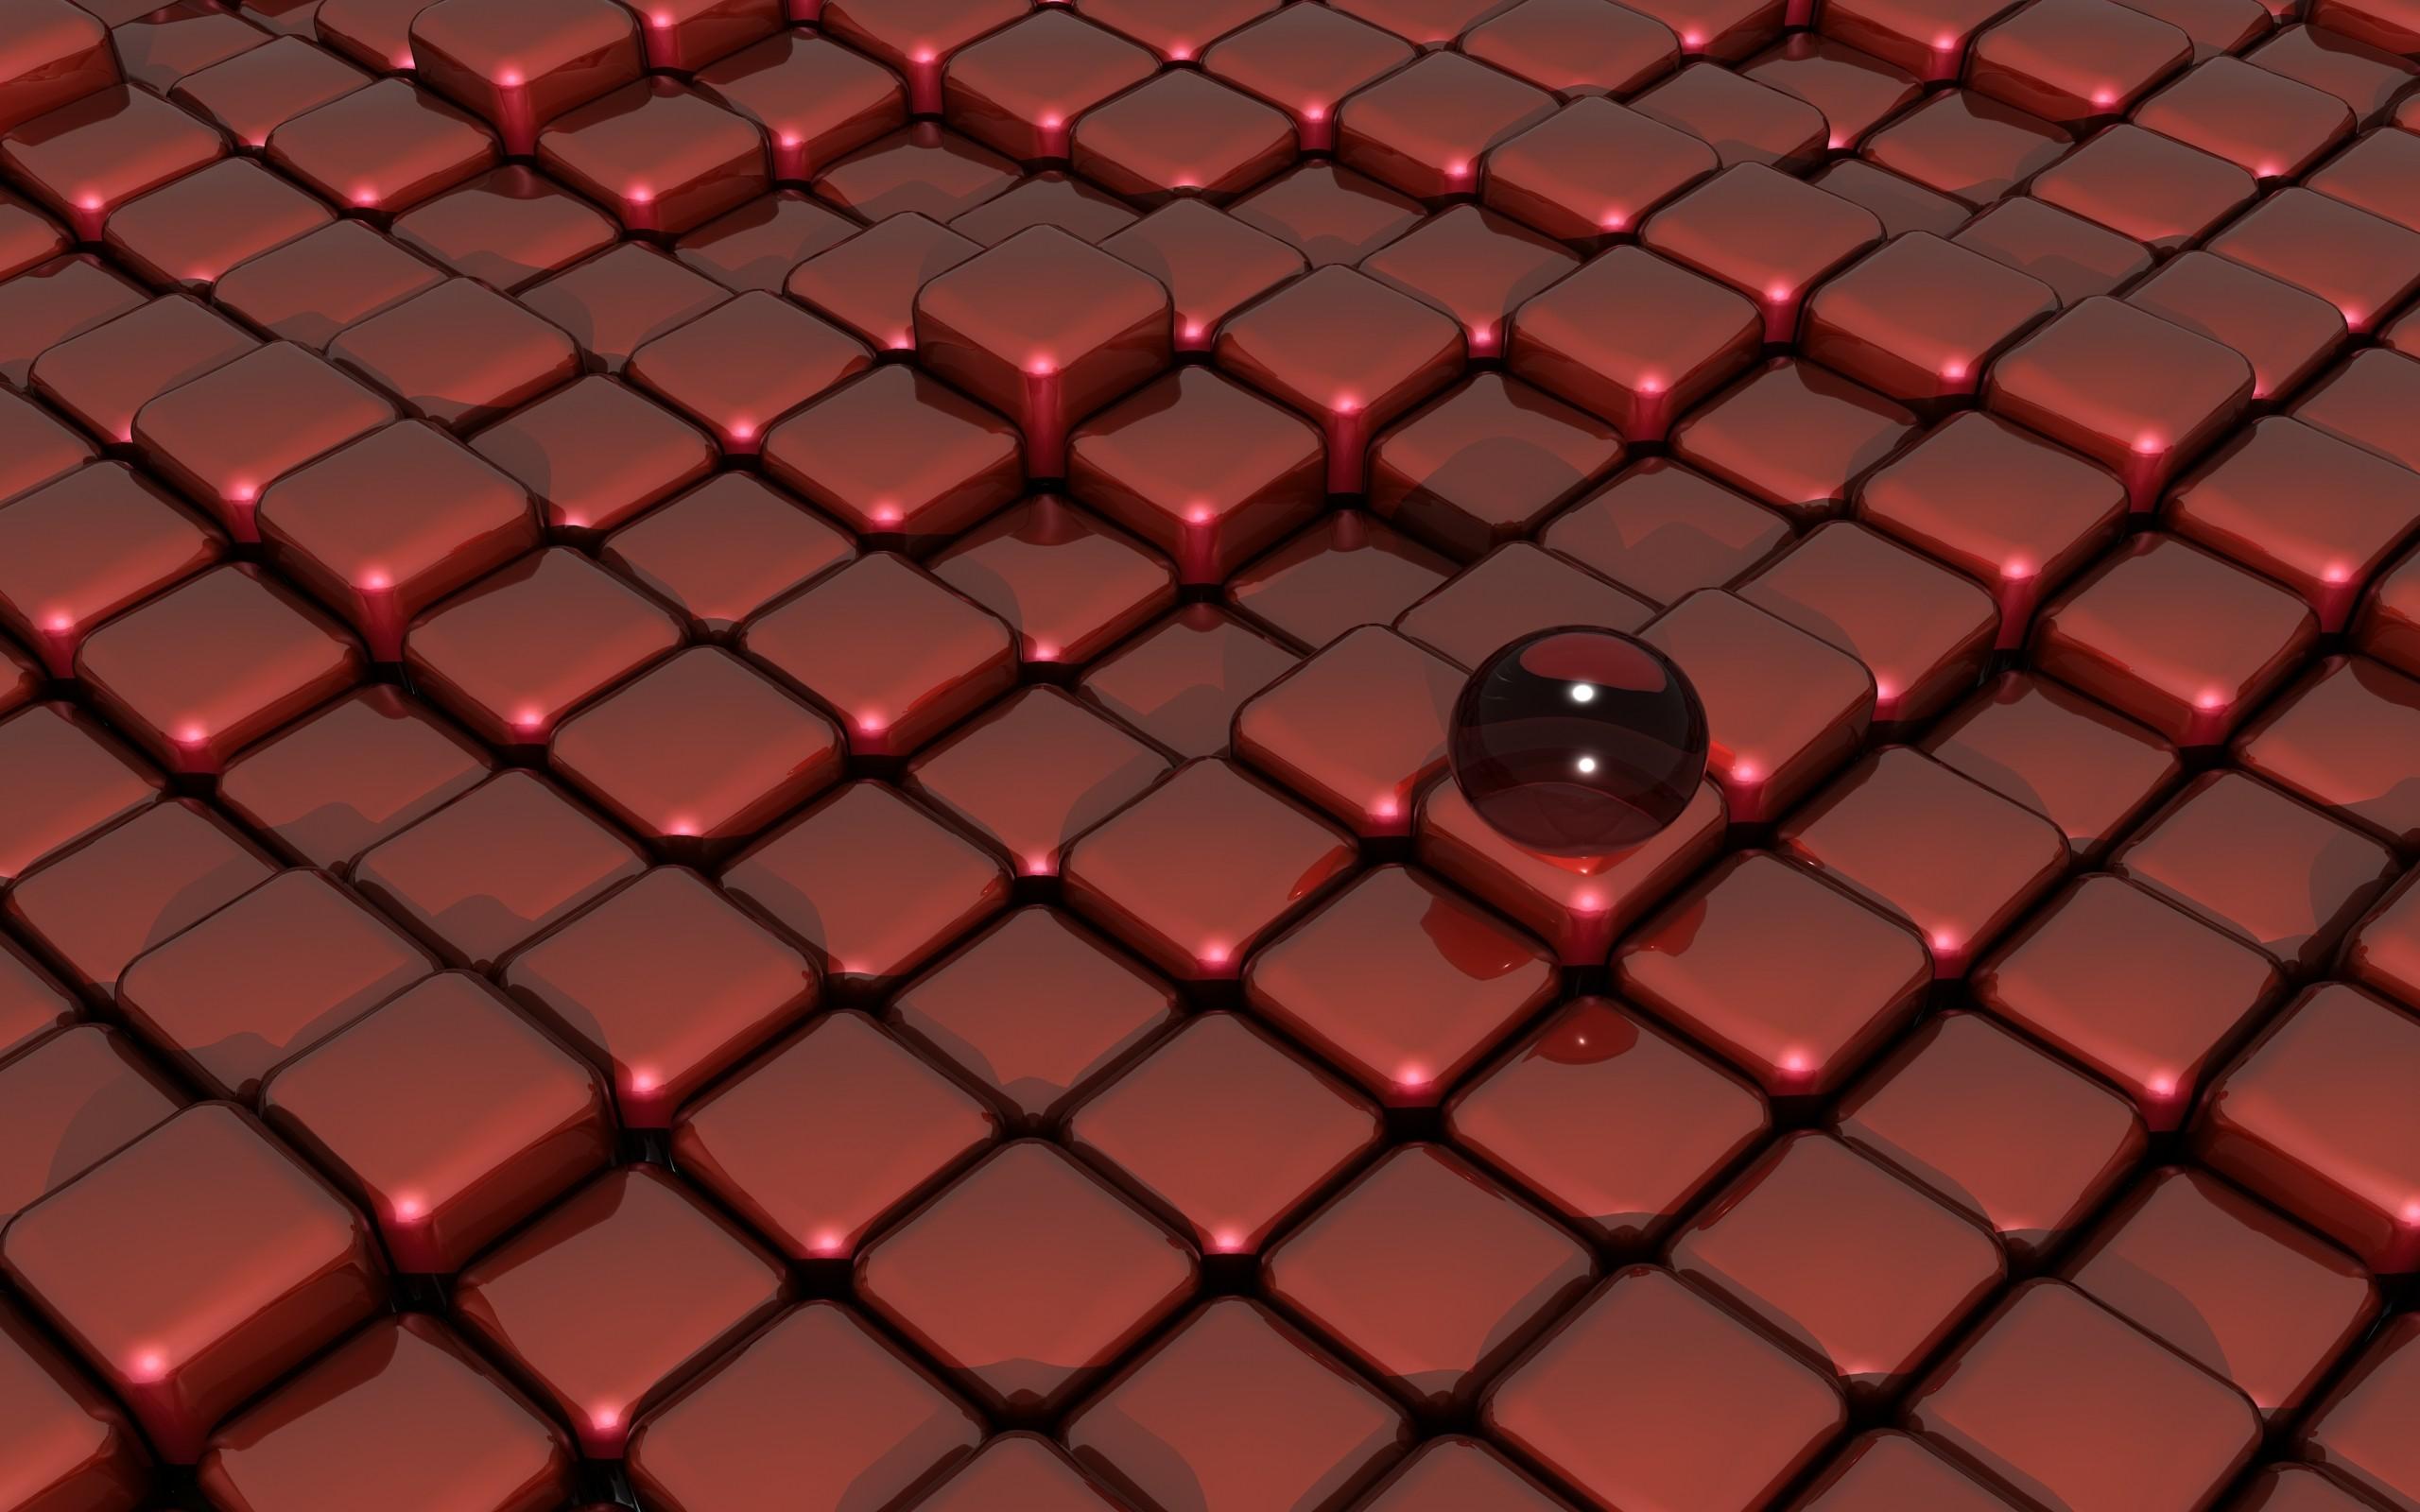 Wallpaper 3D Memberikan Merah Dinding Simetri Pola